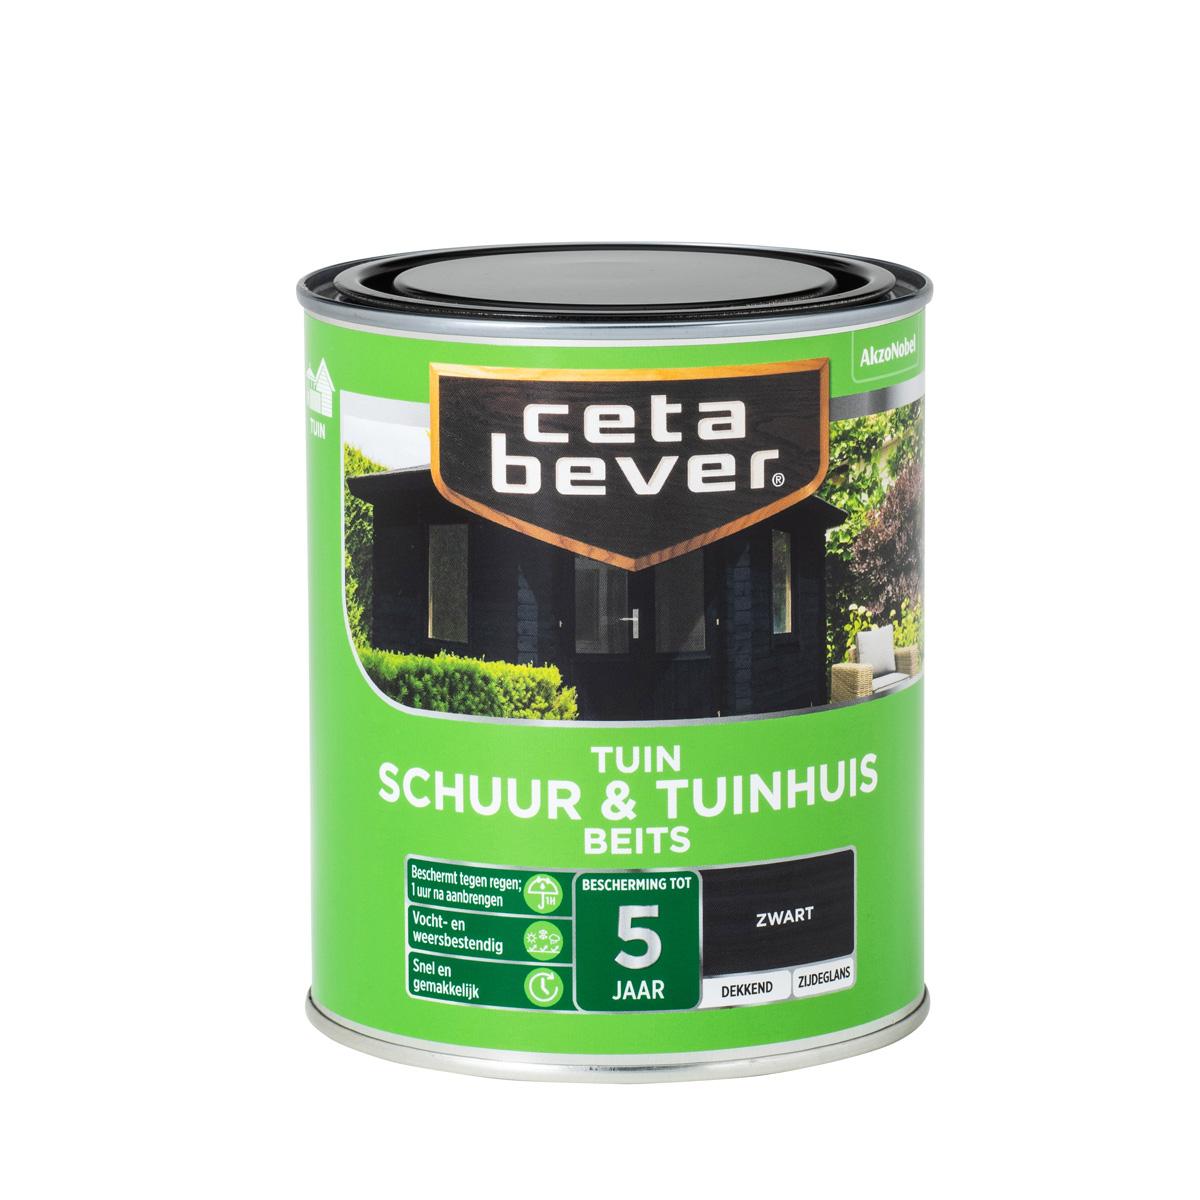 CetaBever Schuur & Tuinhuis Dekkend